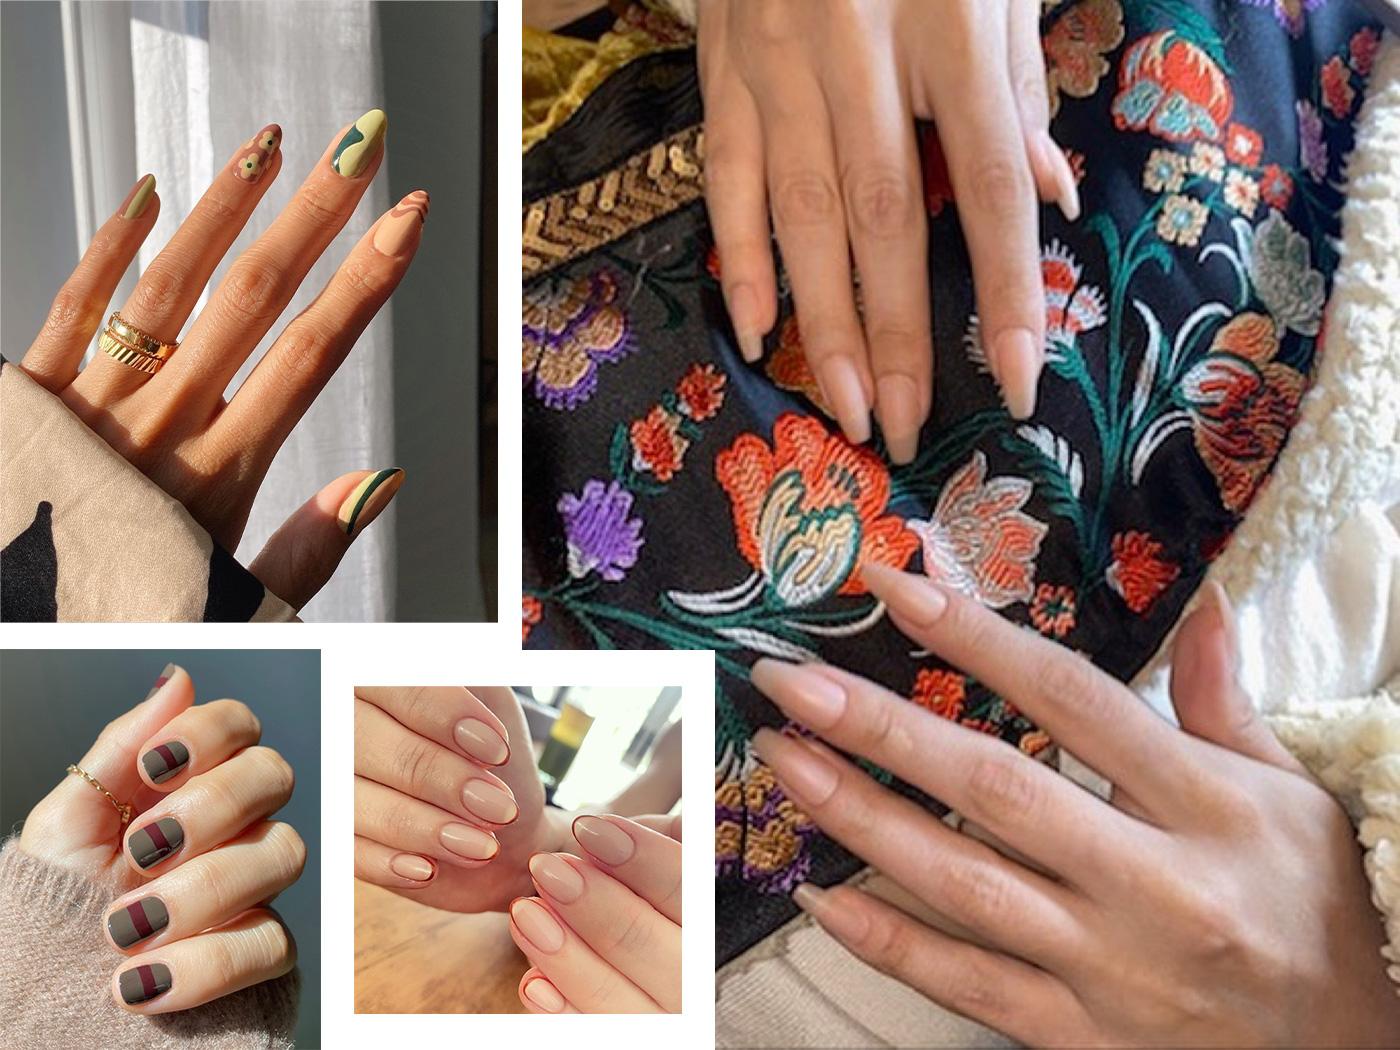 Δέκα nail art desings που θα σε εμπνεύσουν